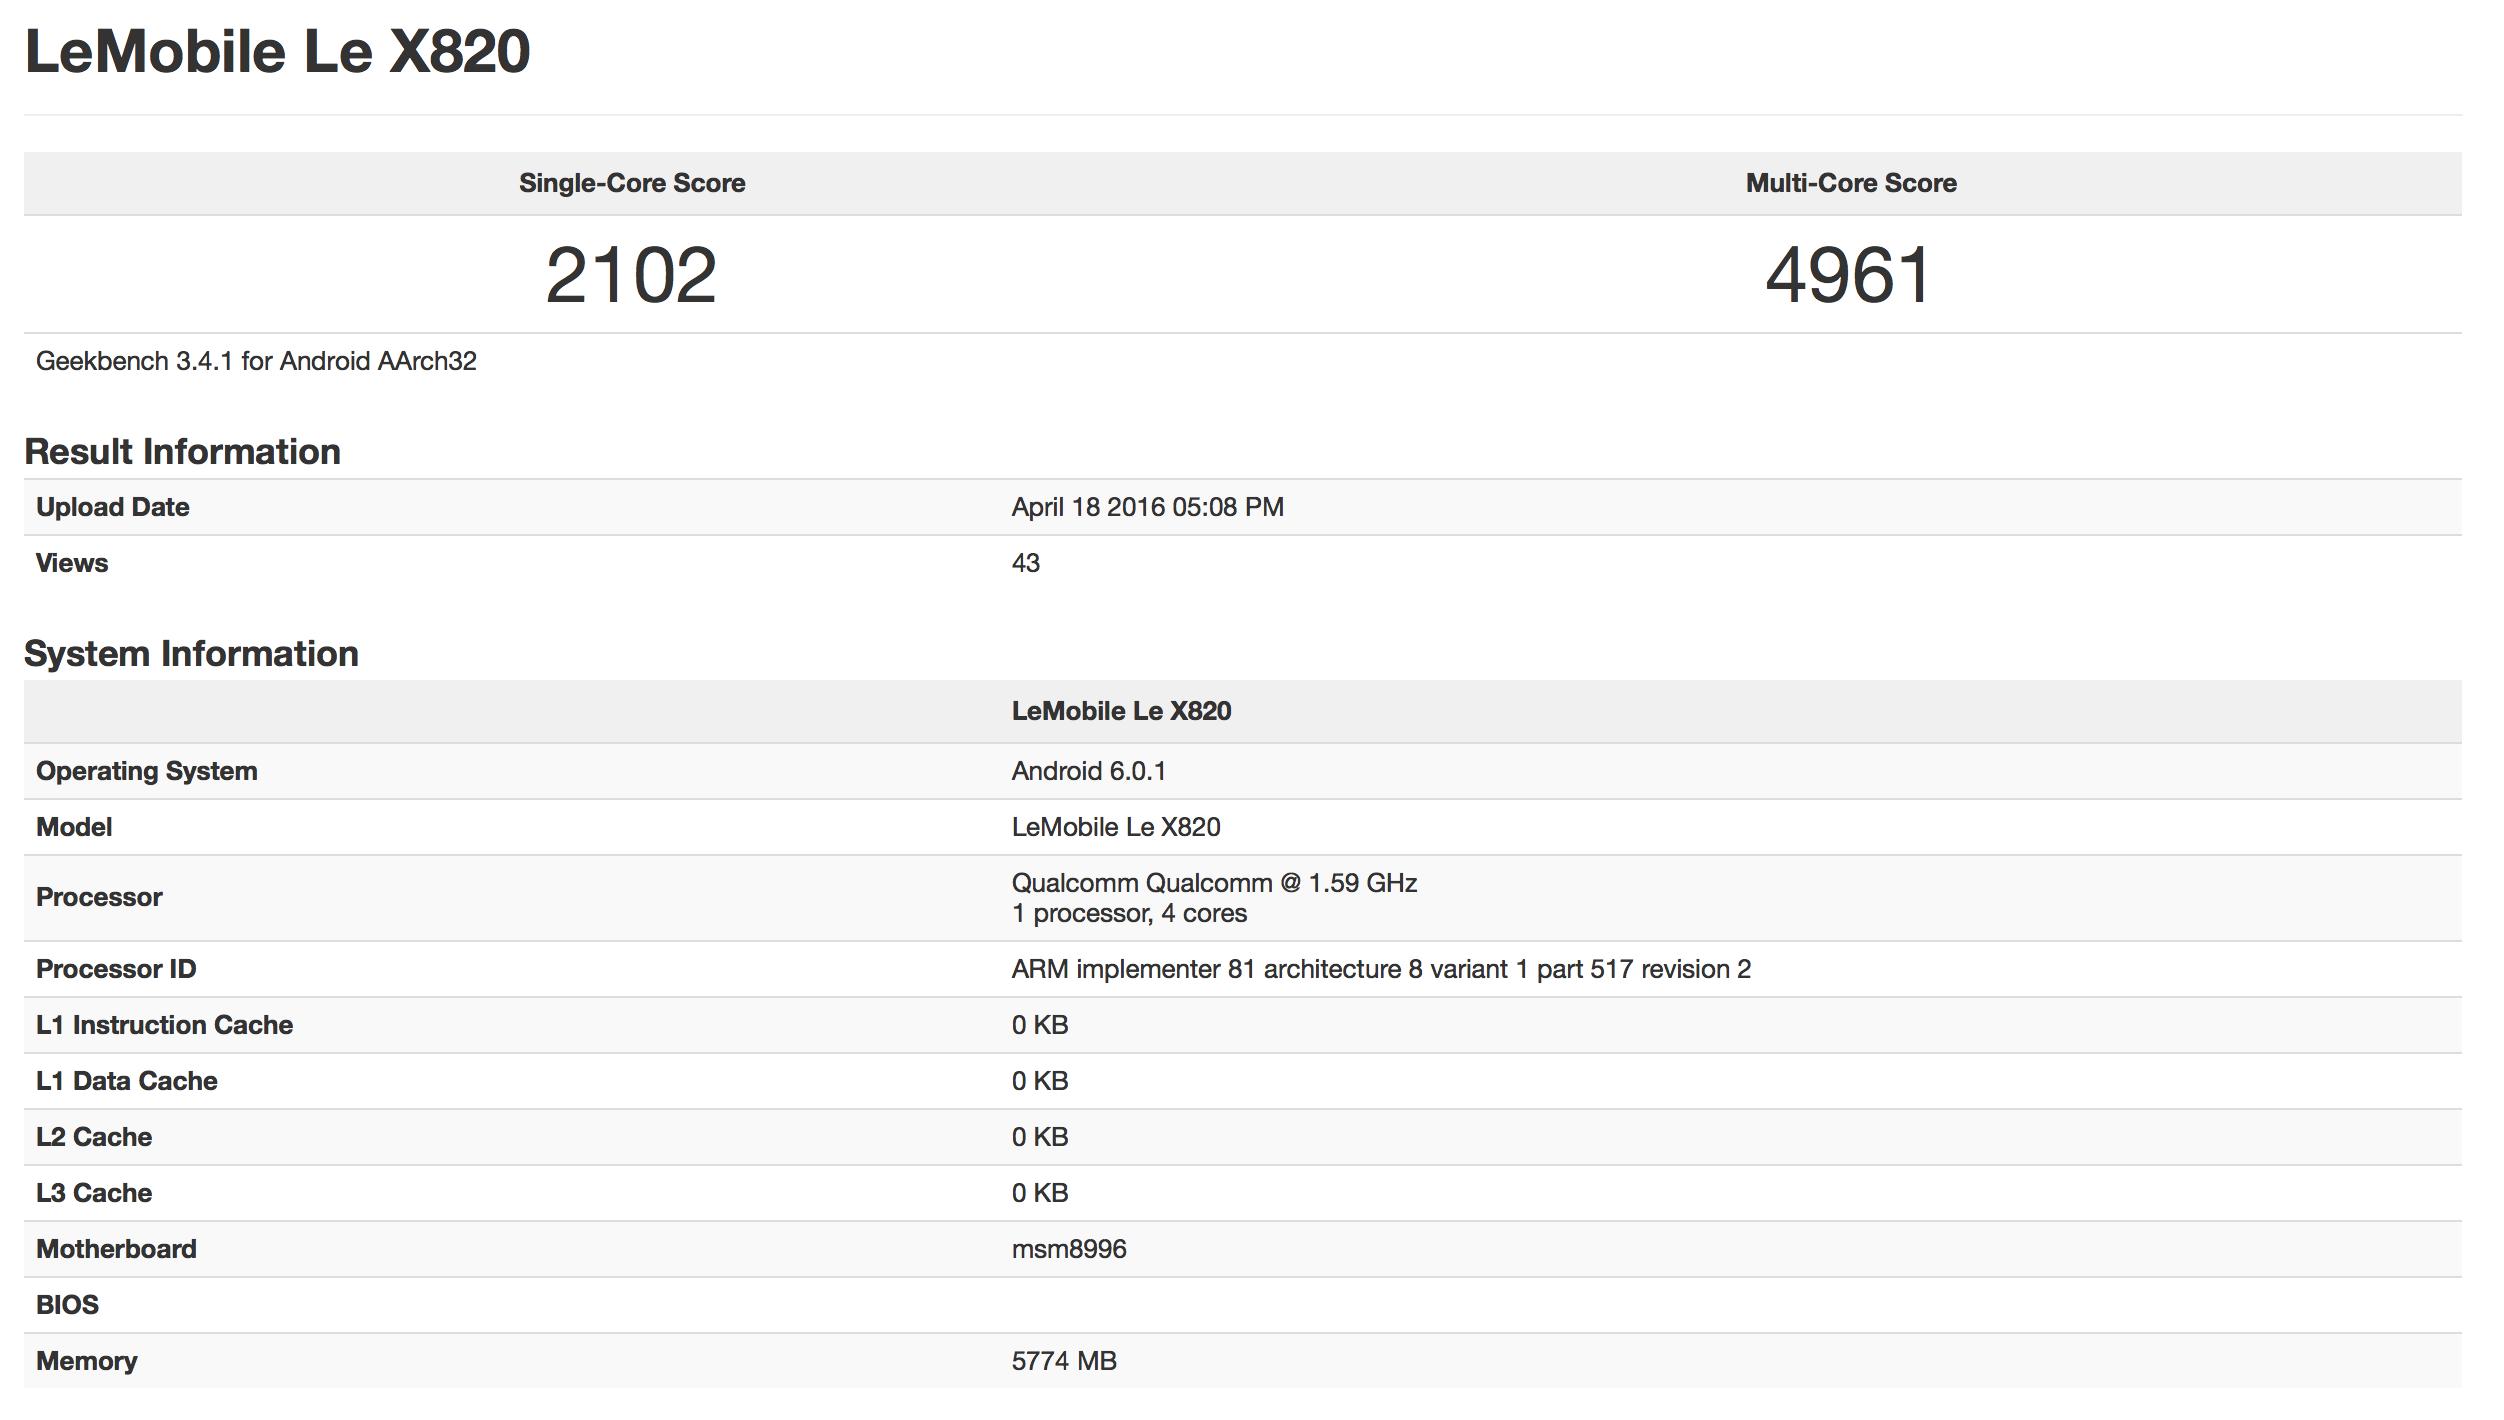 LeTV Le X820 Geekbench 3